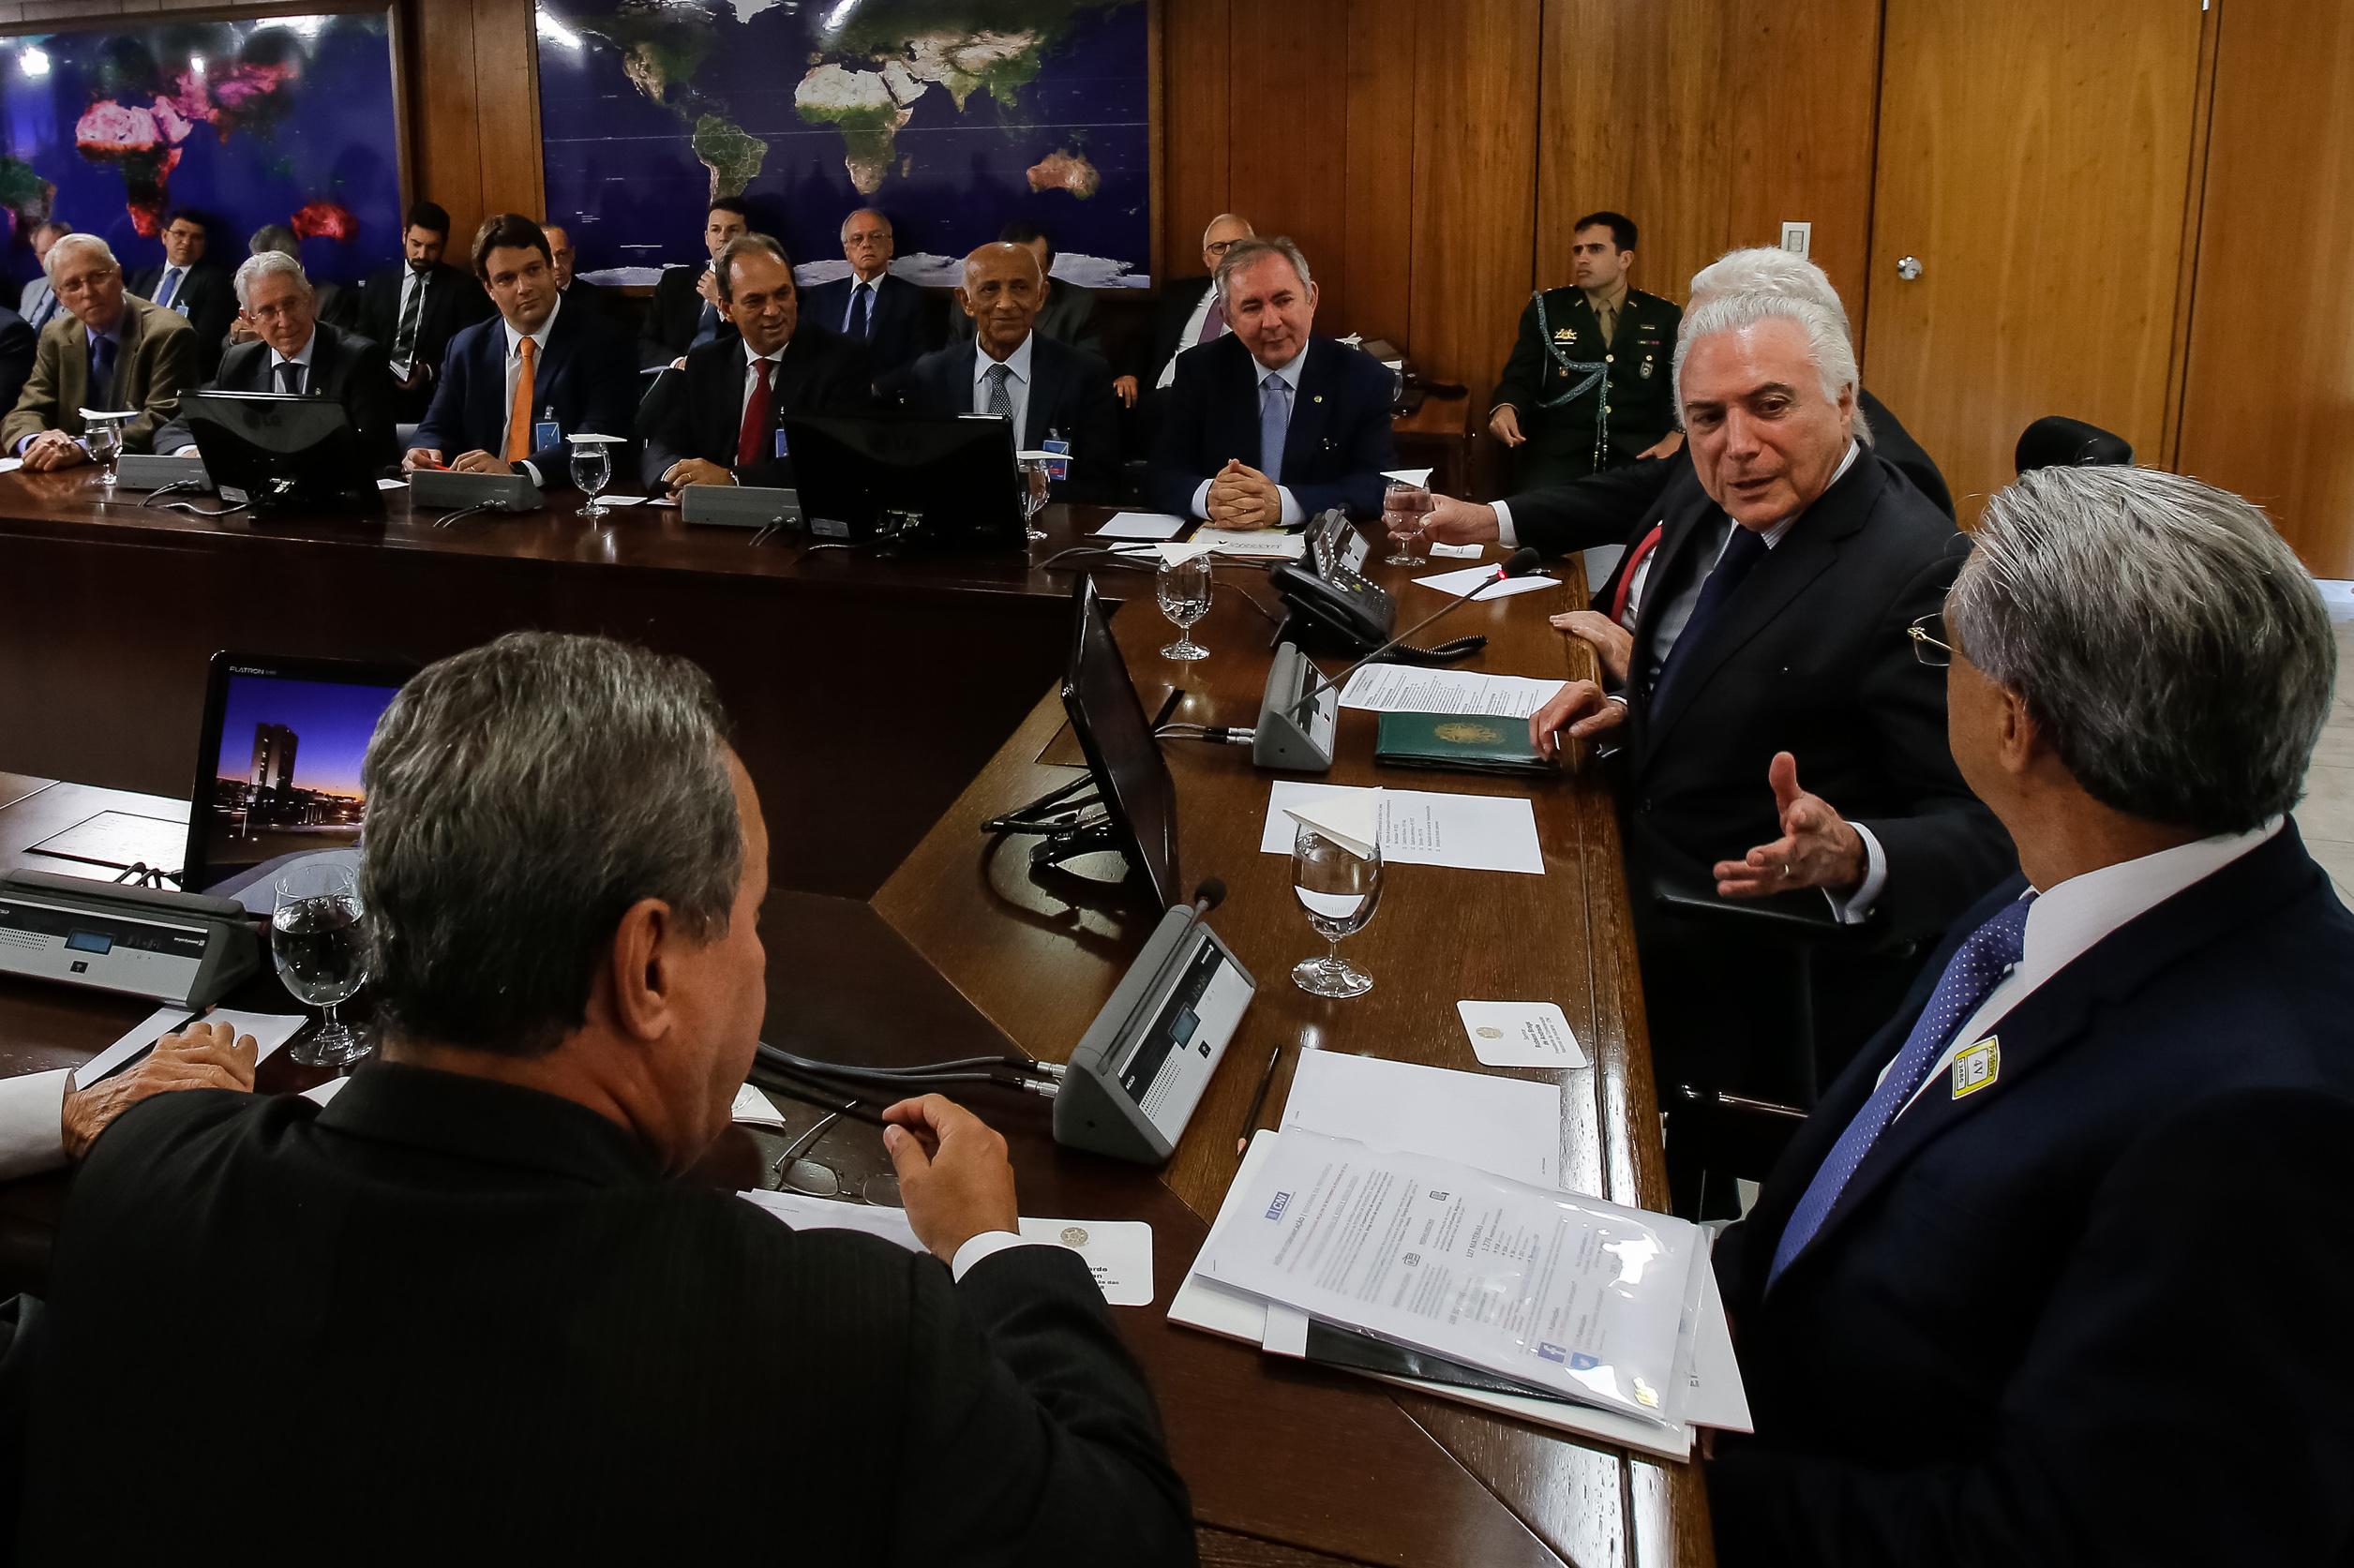 Líderes industriais do país debatem modernização i